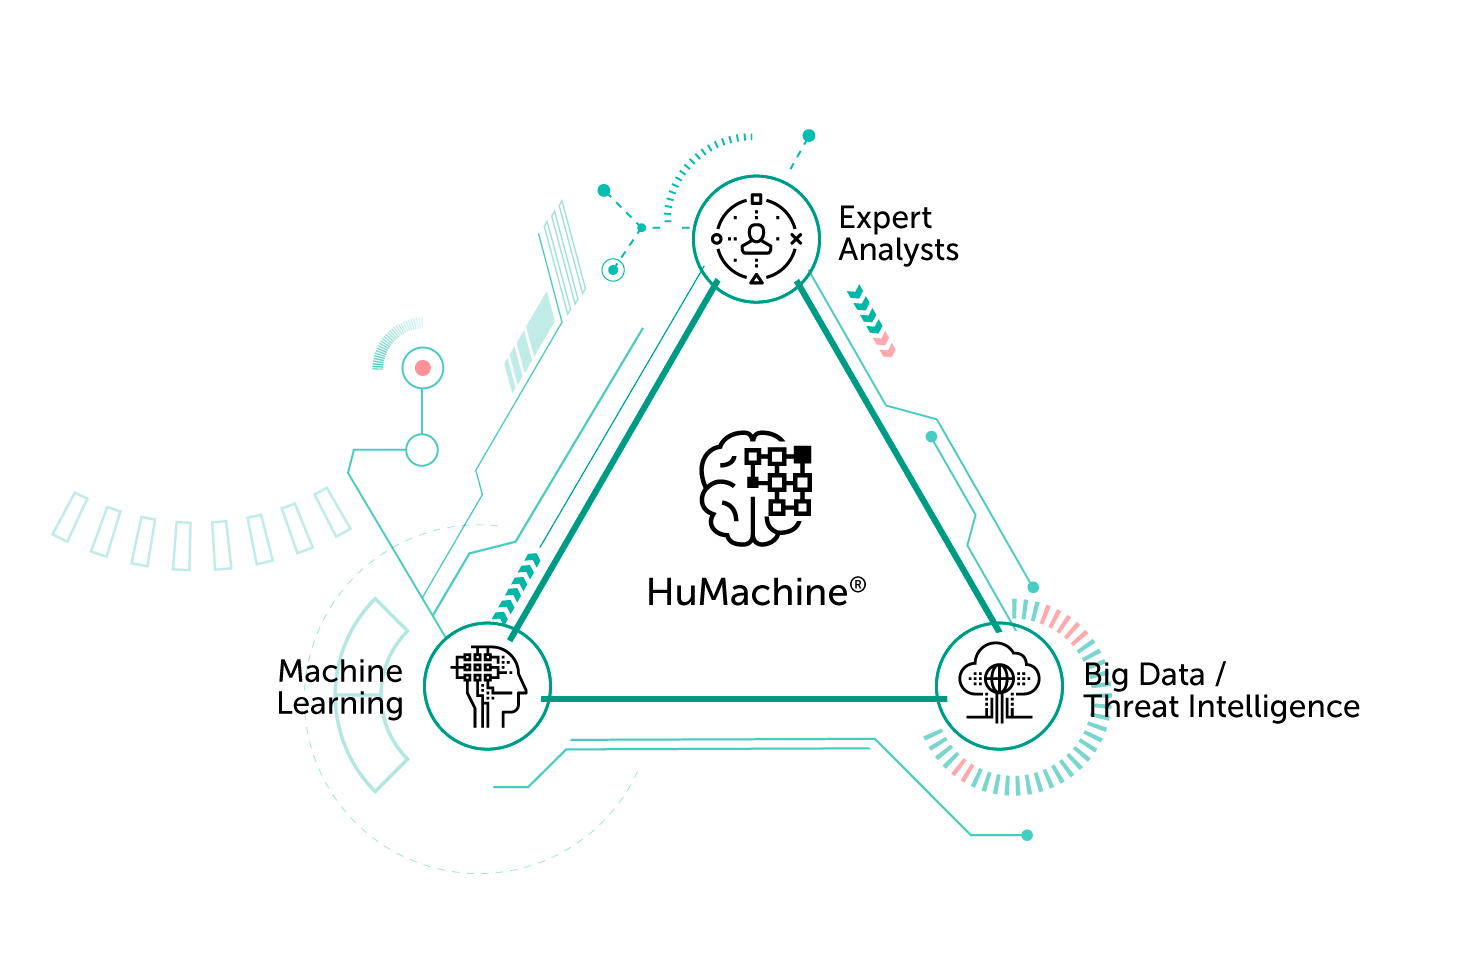 Qué es HuMachine: aprendizaje automático combinado con big data, inteligencia de seguridad y análisis experto.